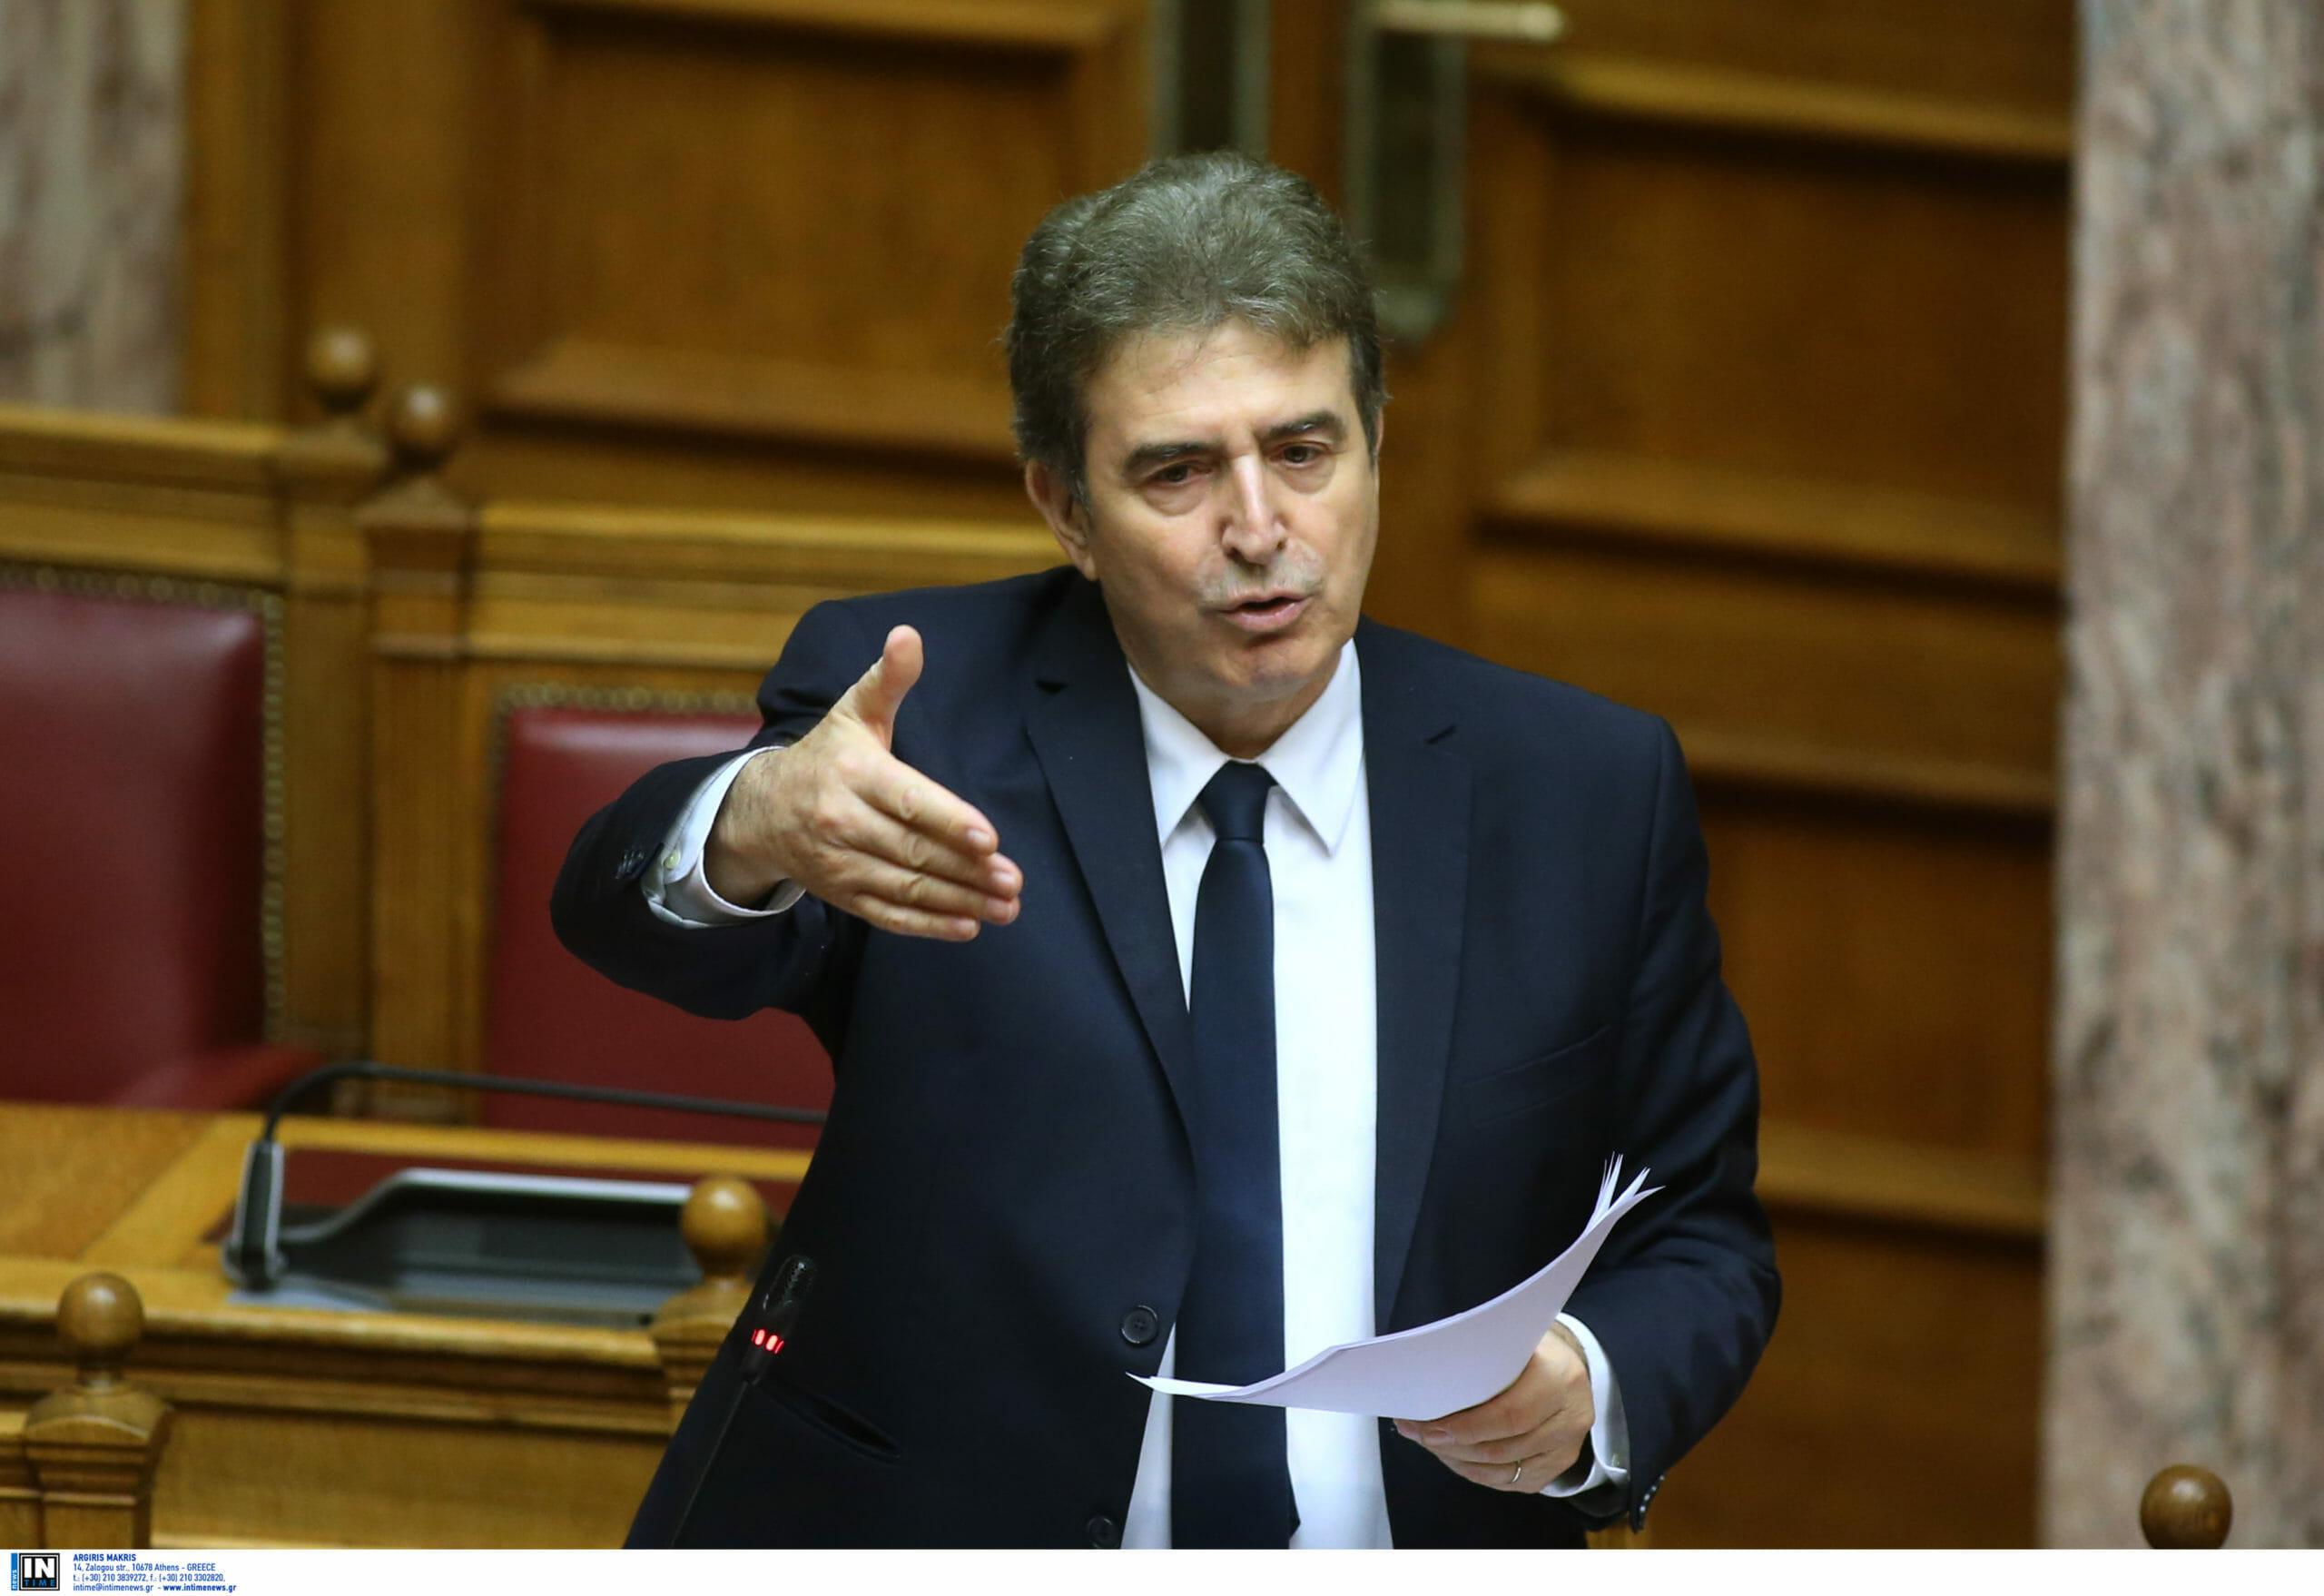 Χρυσοχοΐδης: Ο νόμος για τις συναθροίσεις  θα εφαρμοστεί – Μέχρι τώρα ίσχυαν νόμοι της χούντας